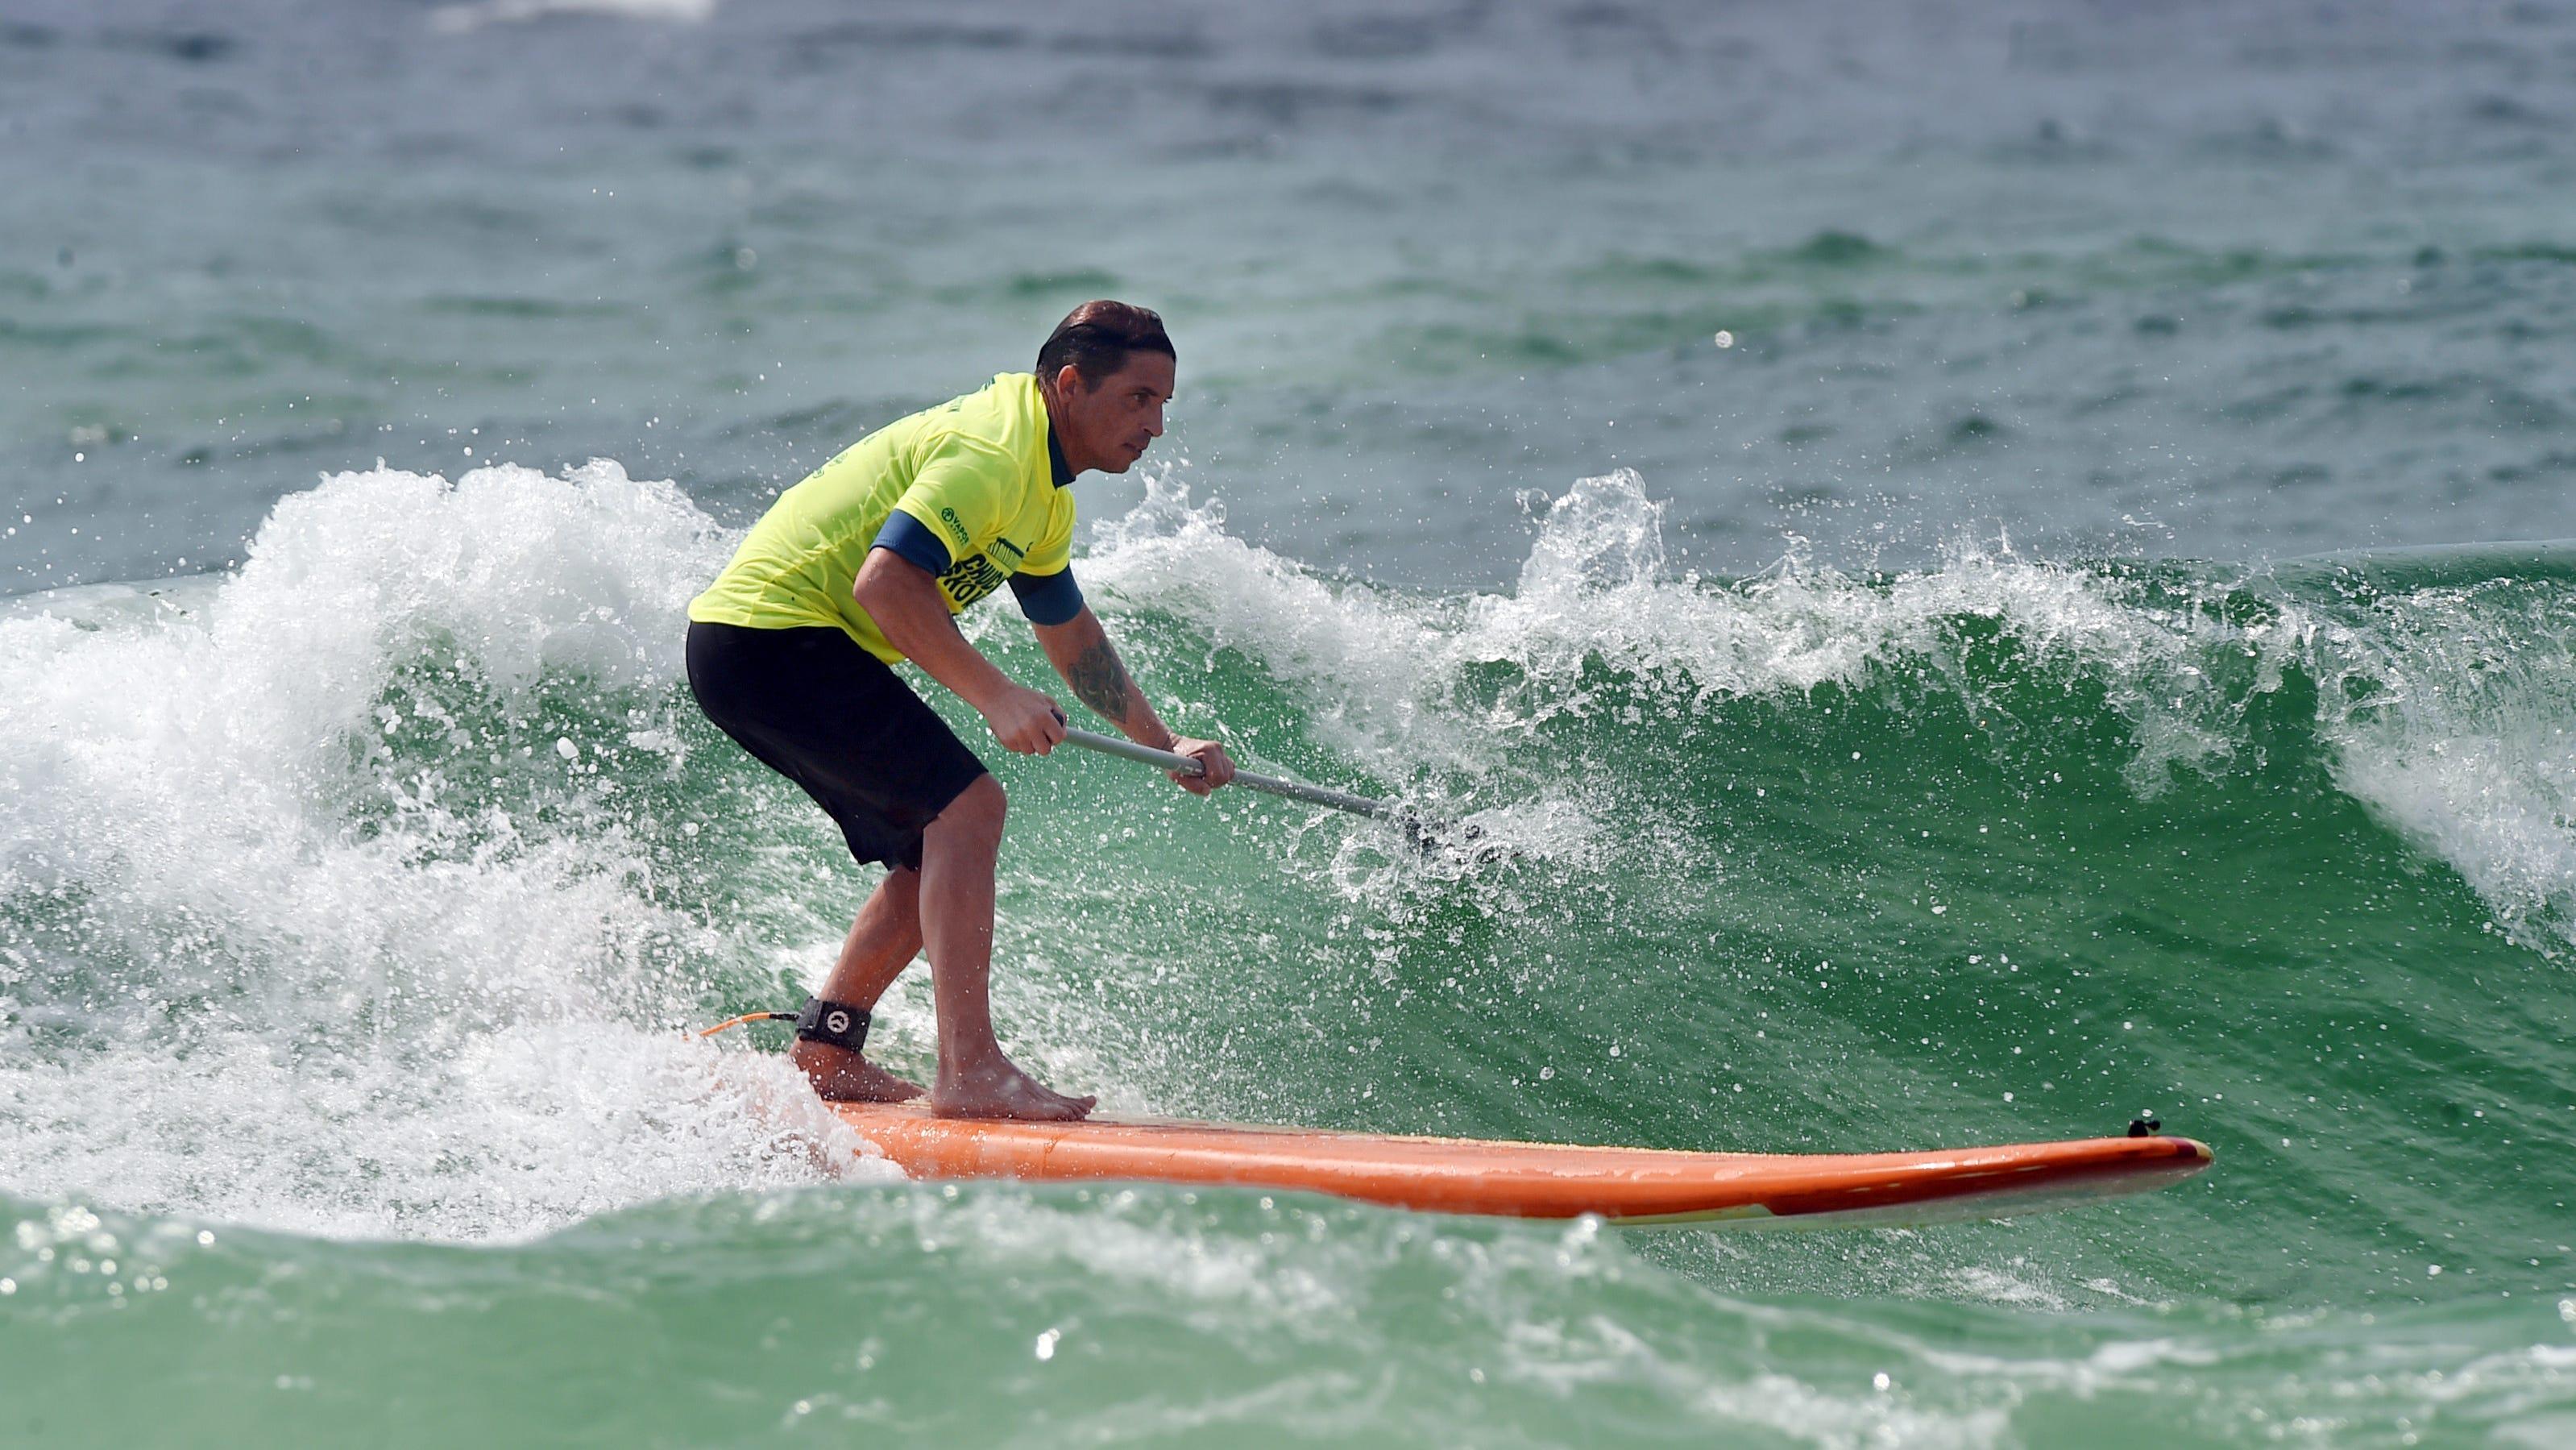 Shane Sehul navega con su remo en una ola cerca de la playa en Tests el martes.  El martes, los surfistas duros mantuvieron a los nadadores frente a la costa de la isla de Oklahoma y Testin cerca de la costa.